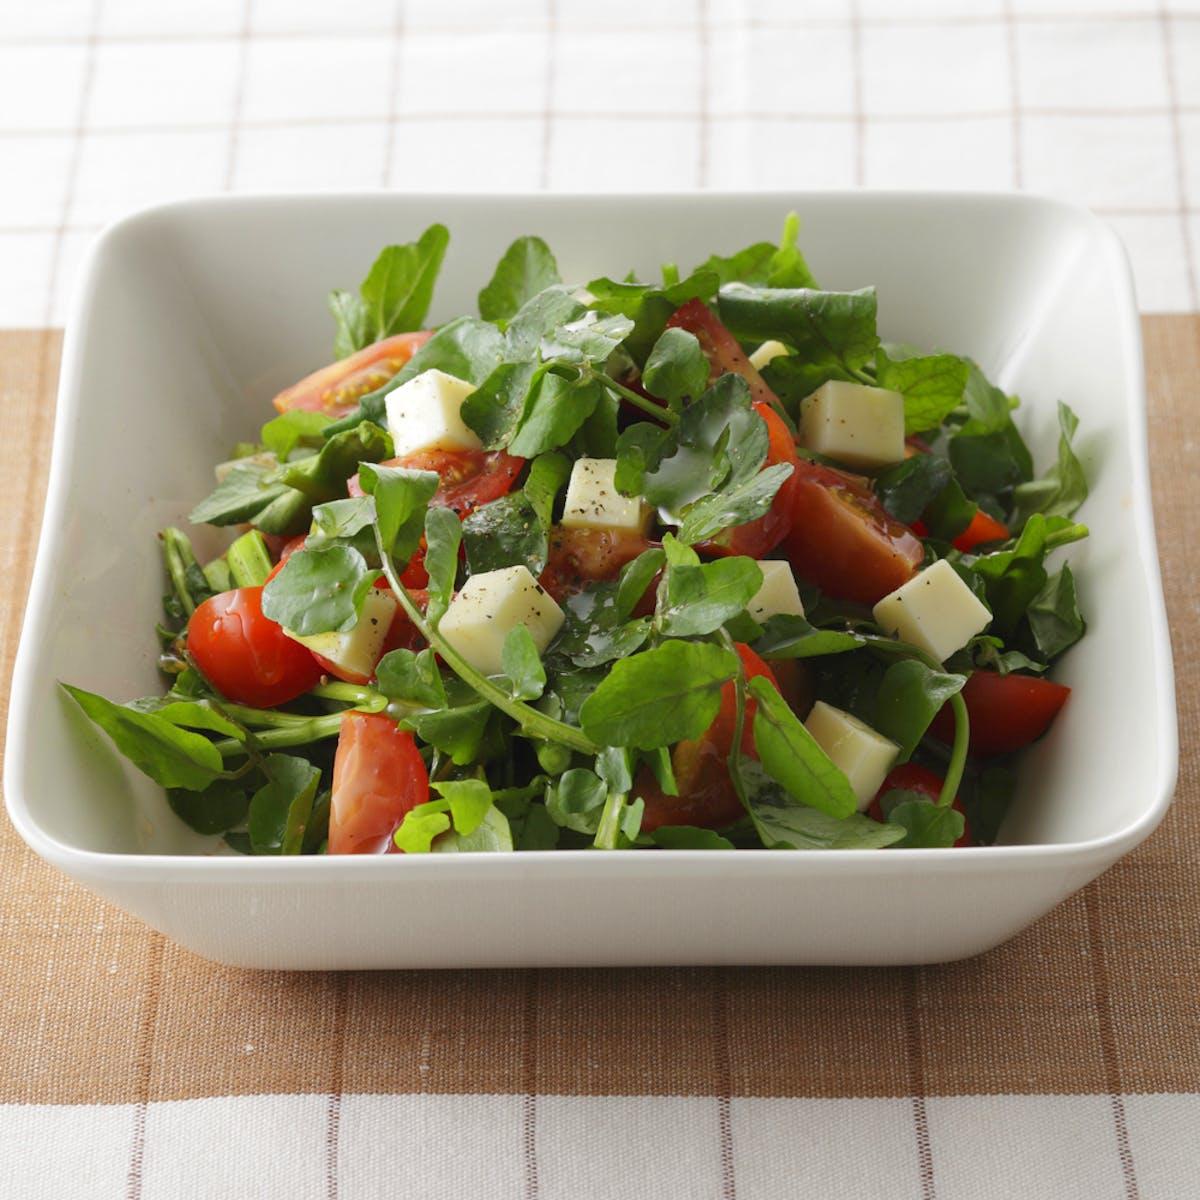 クレソンとミニトマトのサラダ